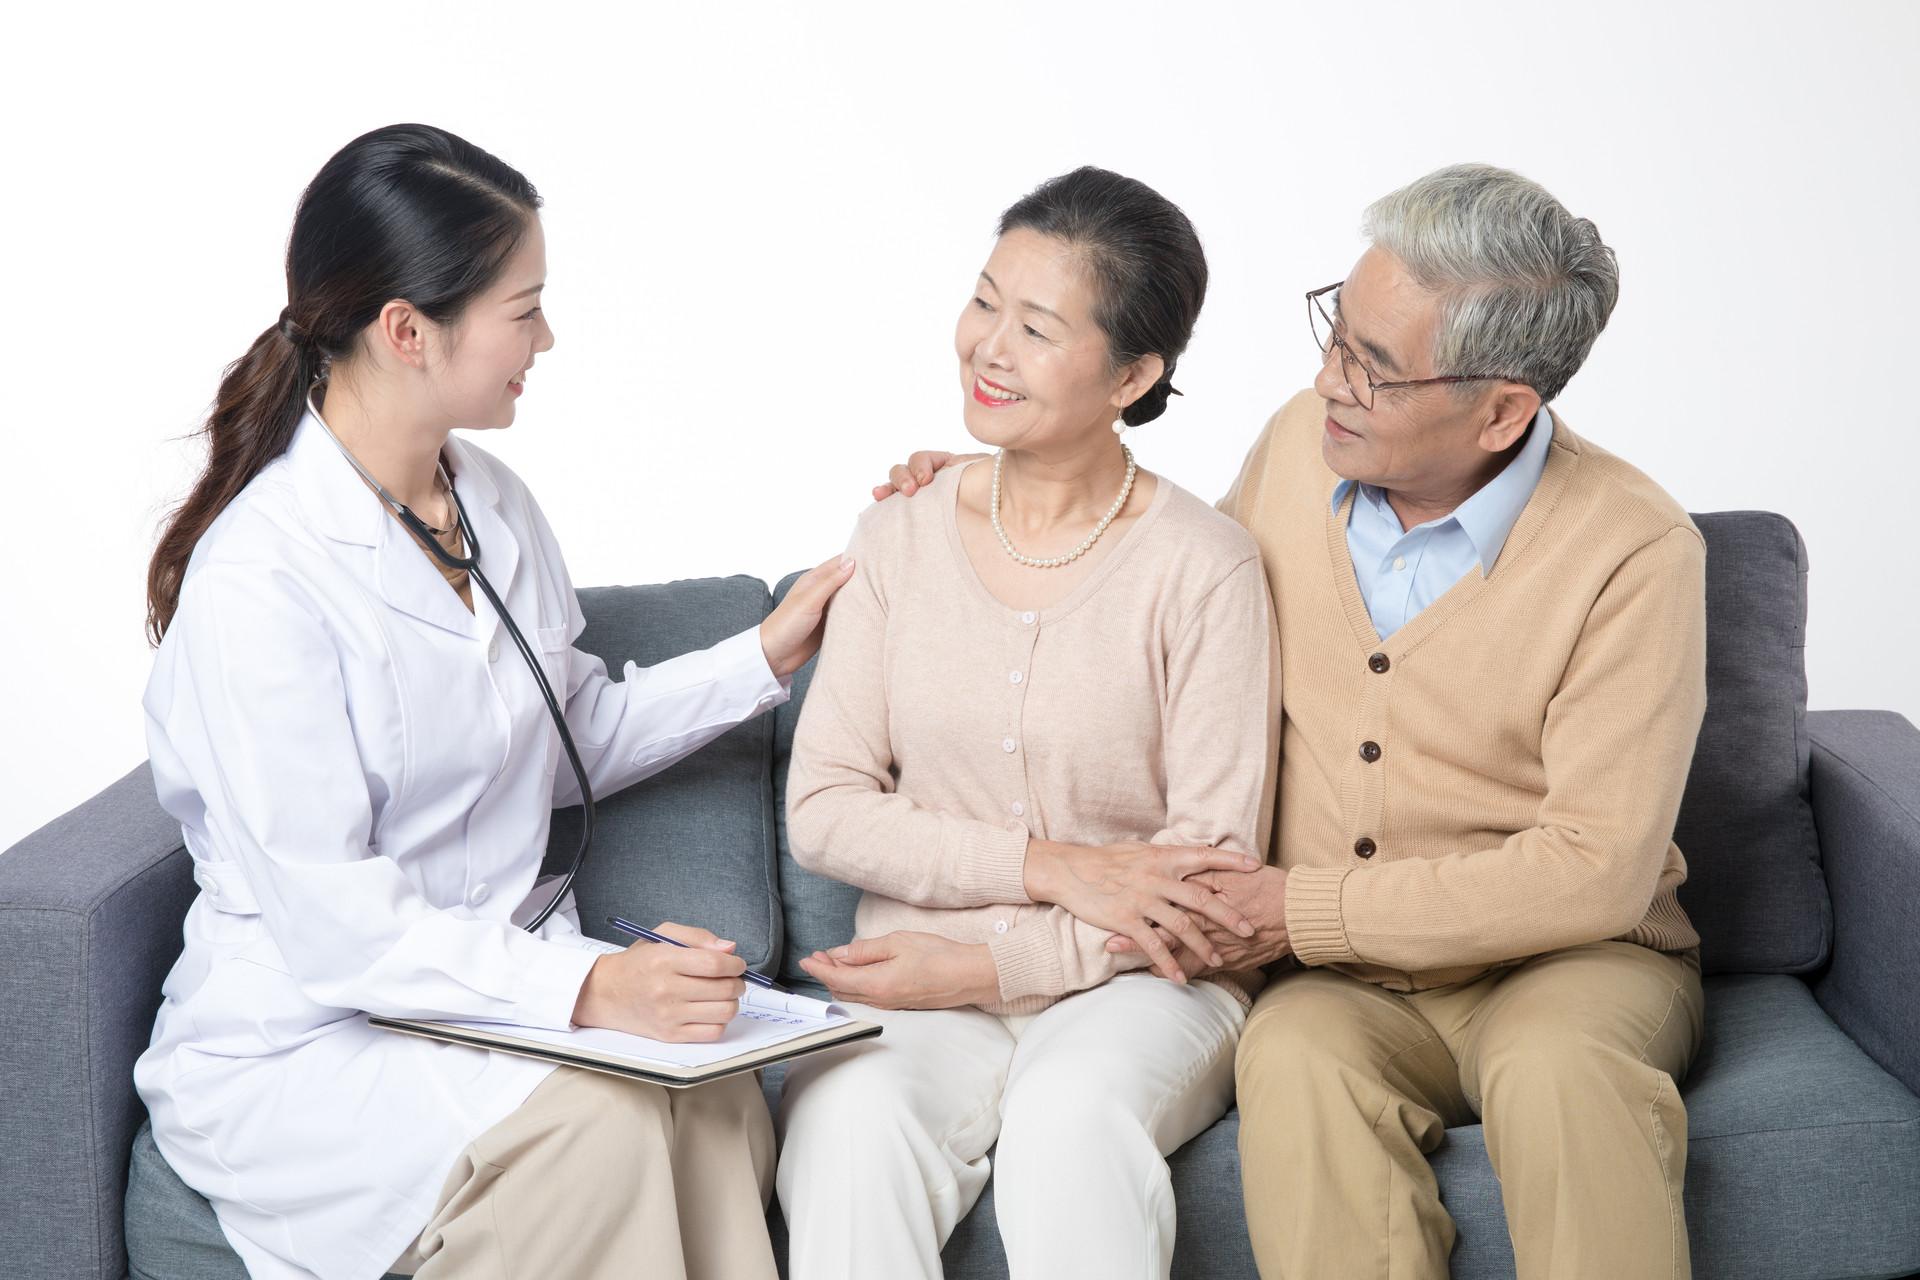 更年期心悸心慌食疗法有哪些?心脏疾病引起的心悸心慌怎么治疗有效?